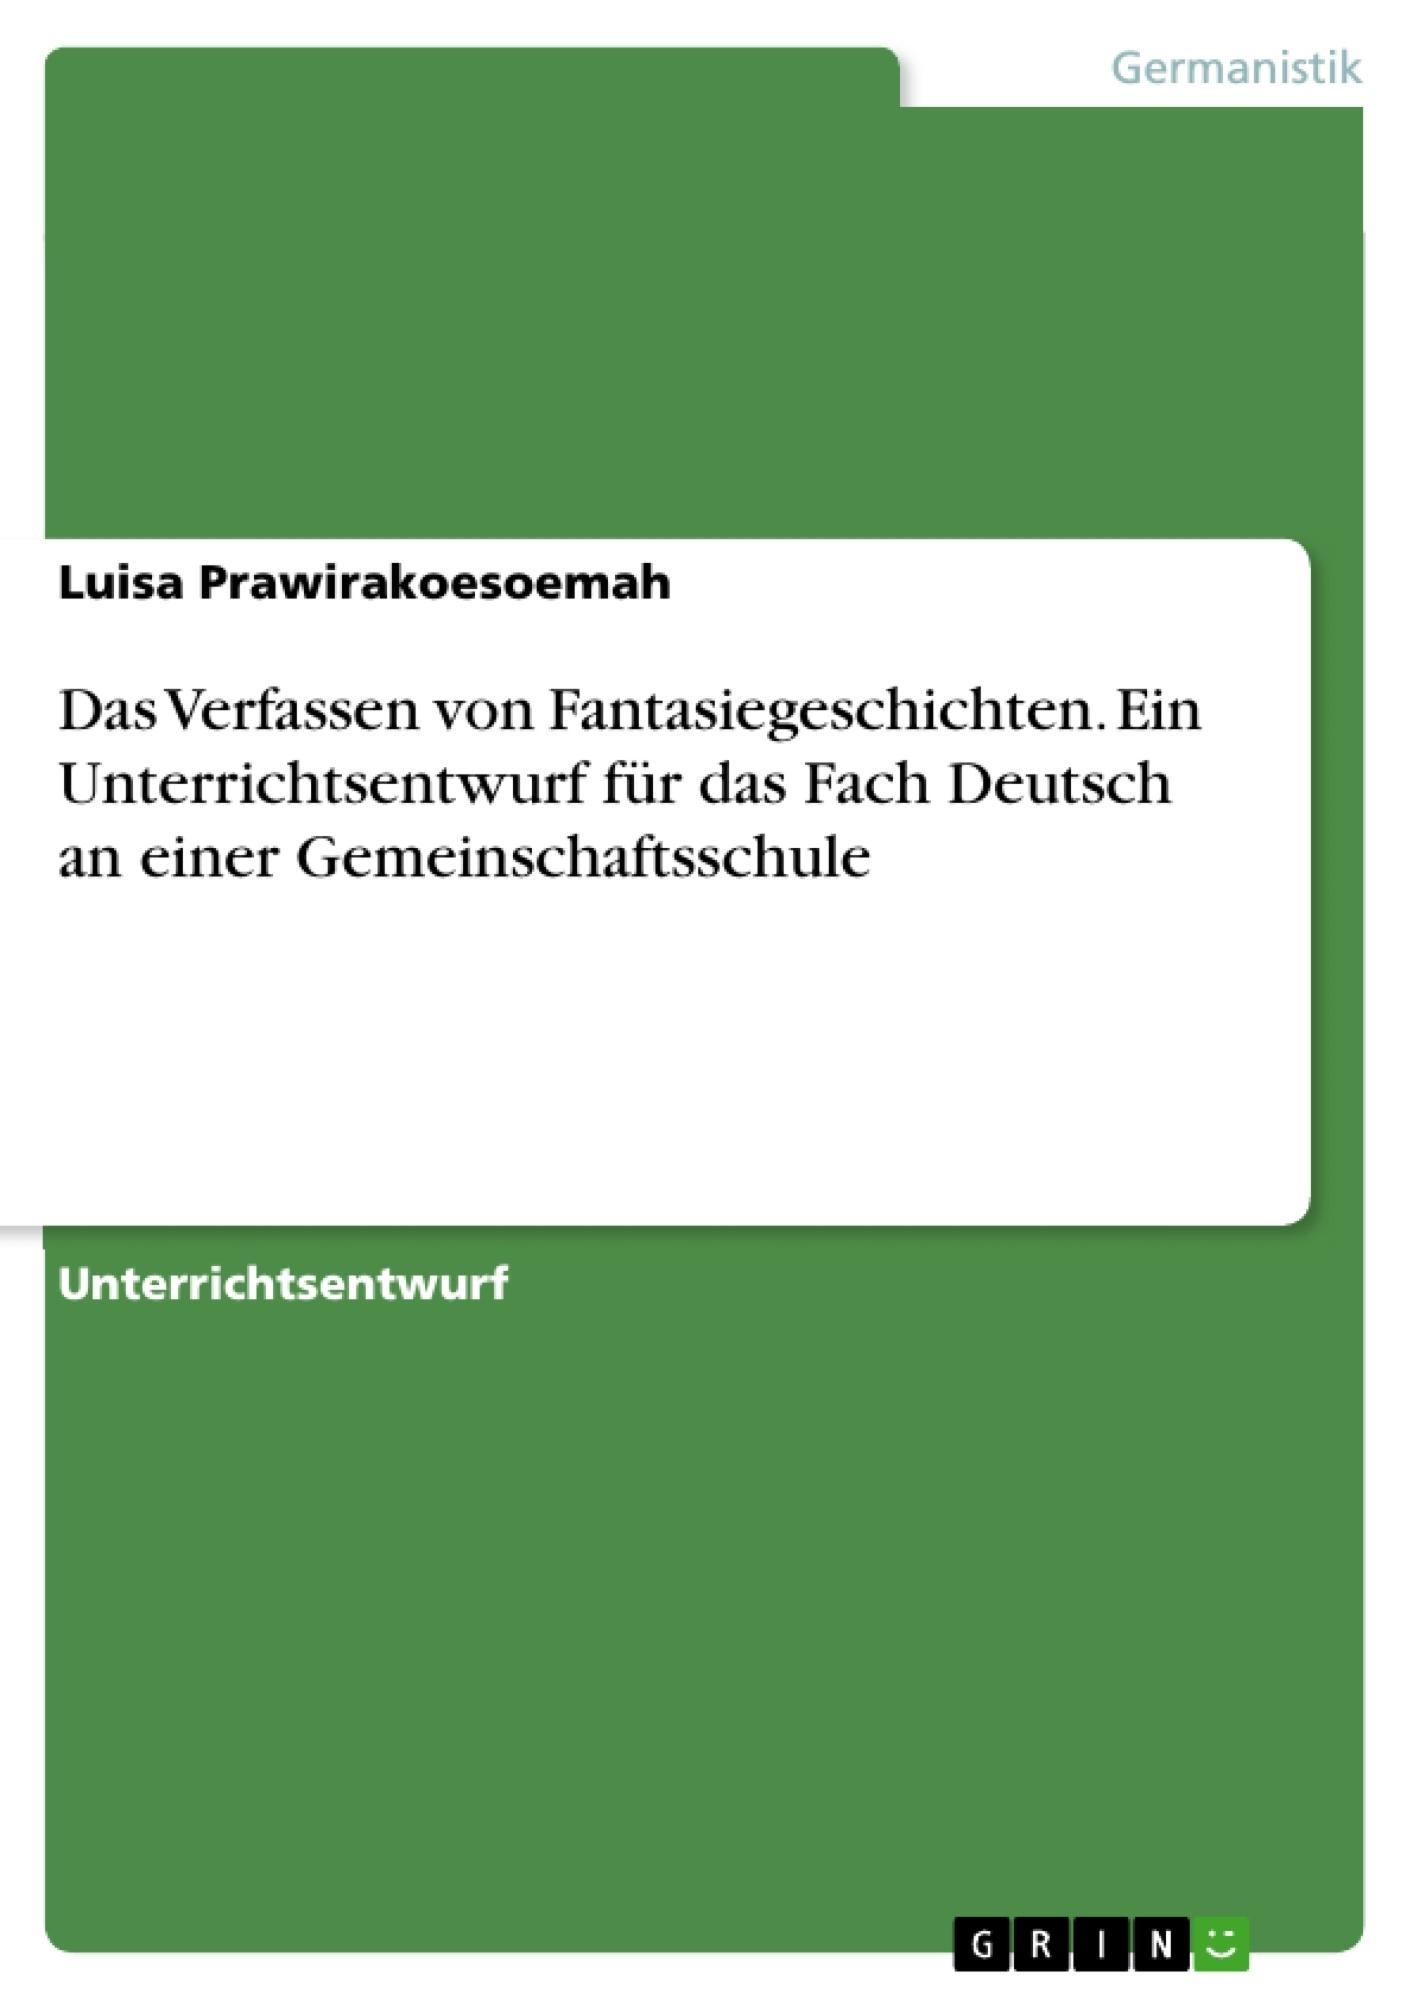 Titel: Das Verfassen von Fantasiegeschichten. Ein Unterrichtsentwurf für das Fach Deutsch an einer Gemeinschaftsschule